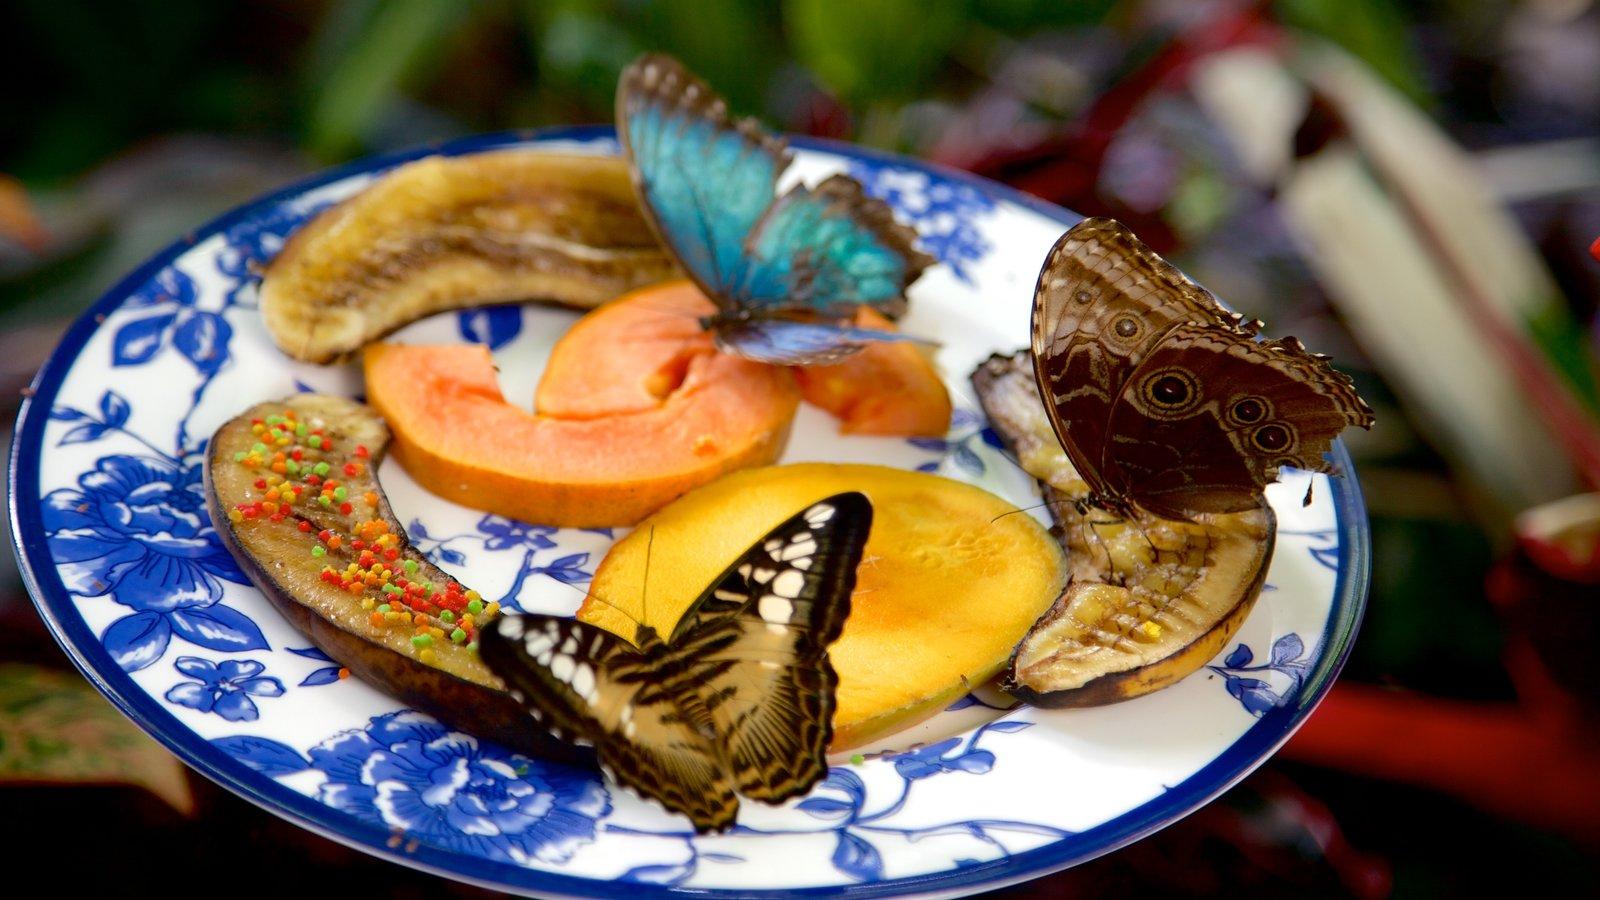 Key West Butterfly and Nature Conservatory mostrando animais e comida